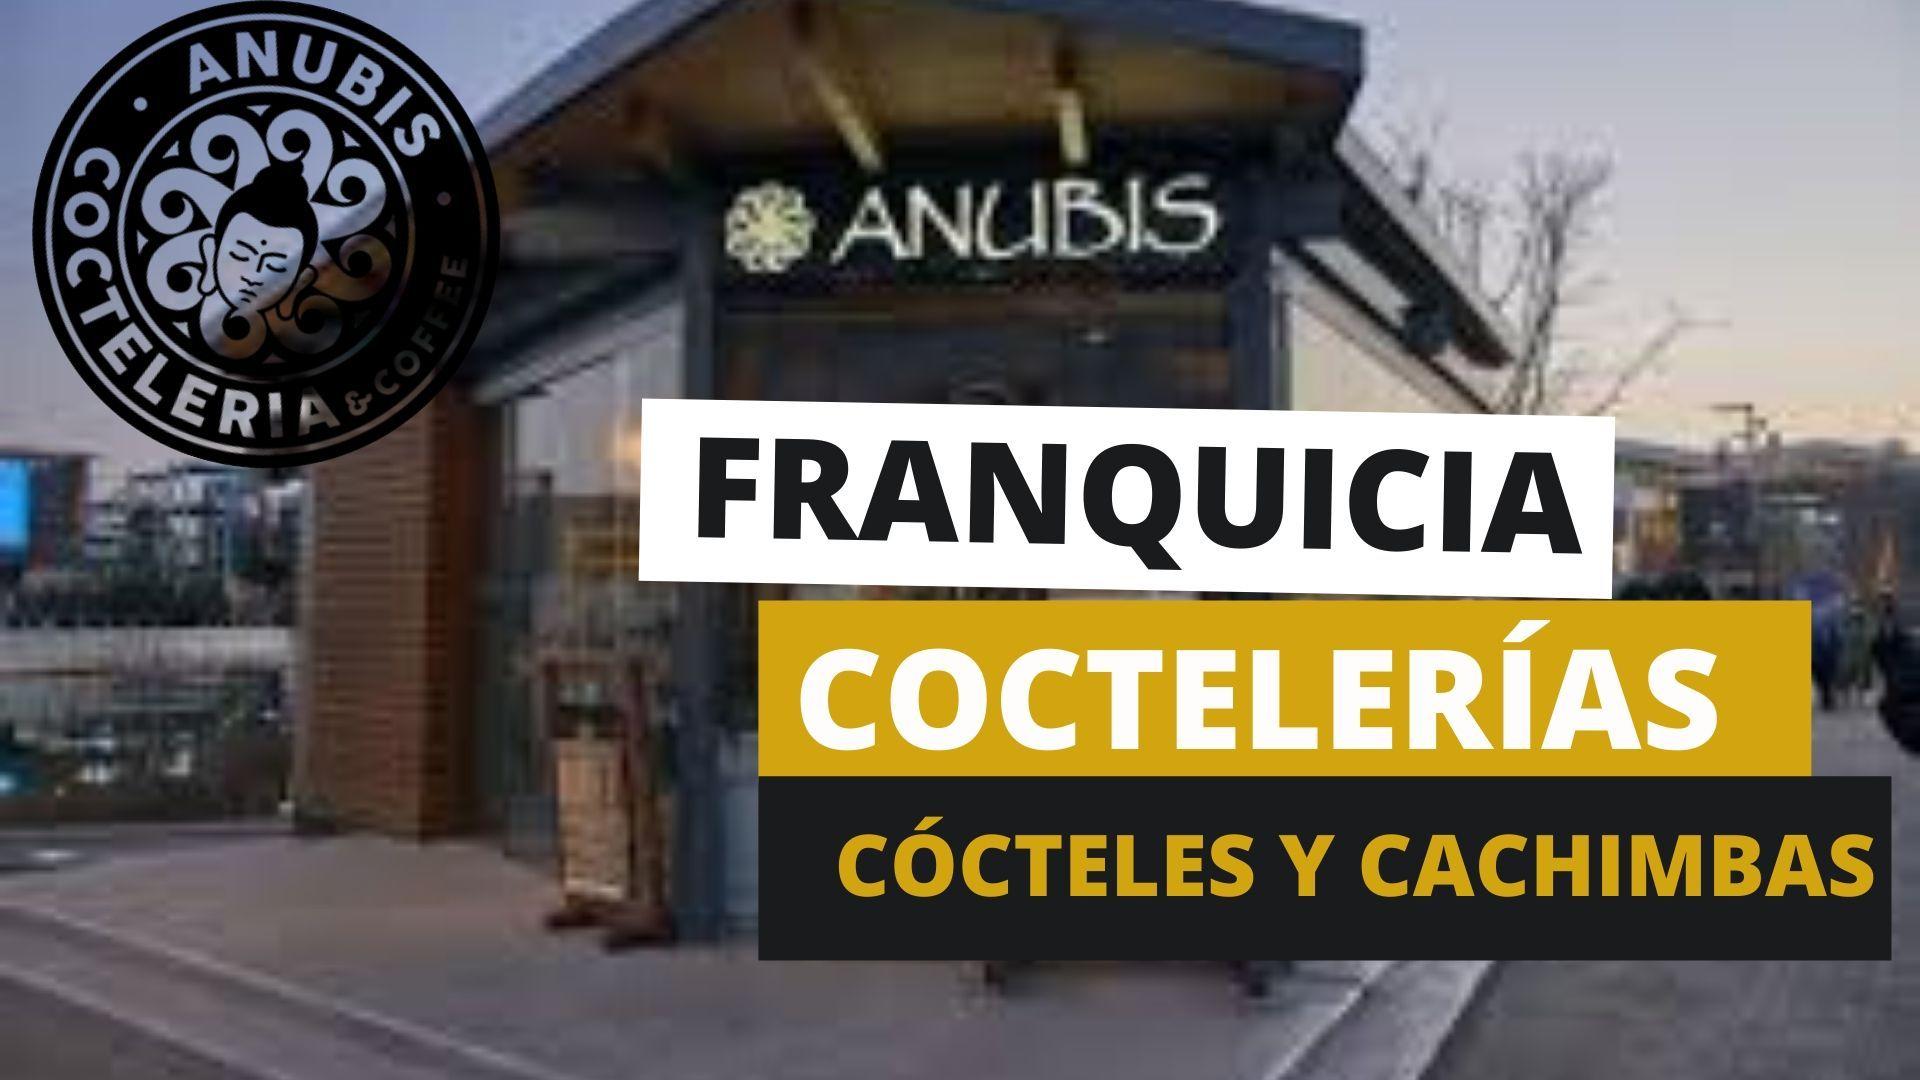 FRANQUICIA COCTELERIA MADRID